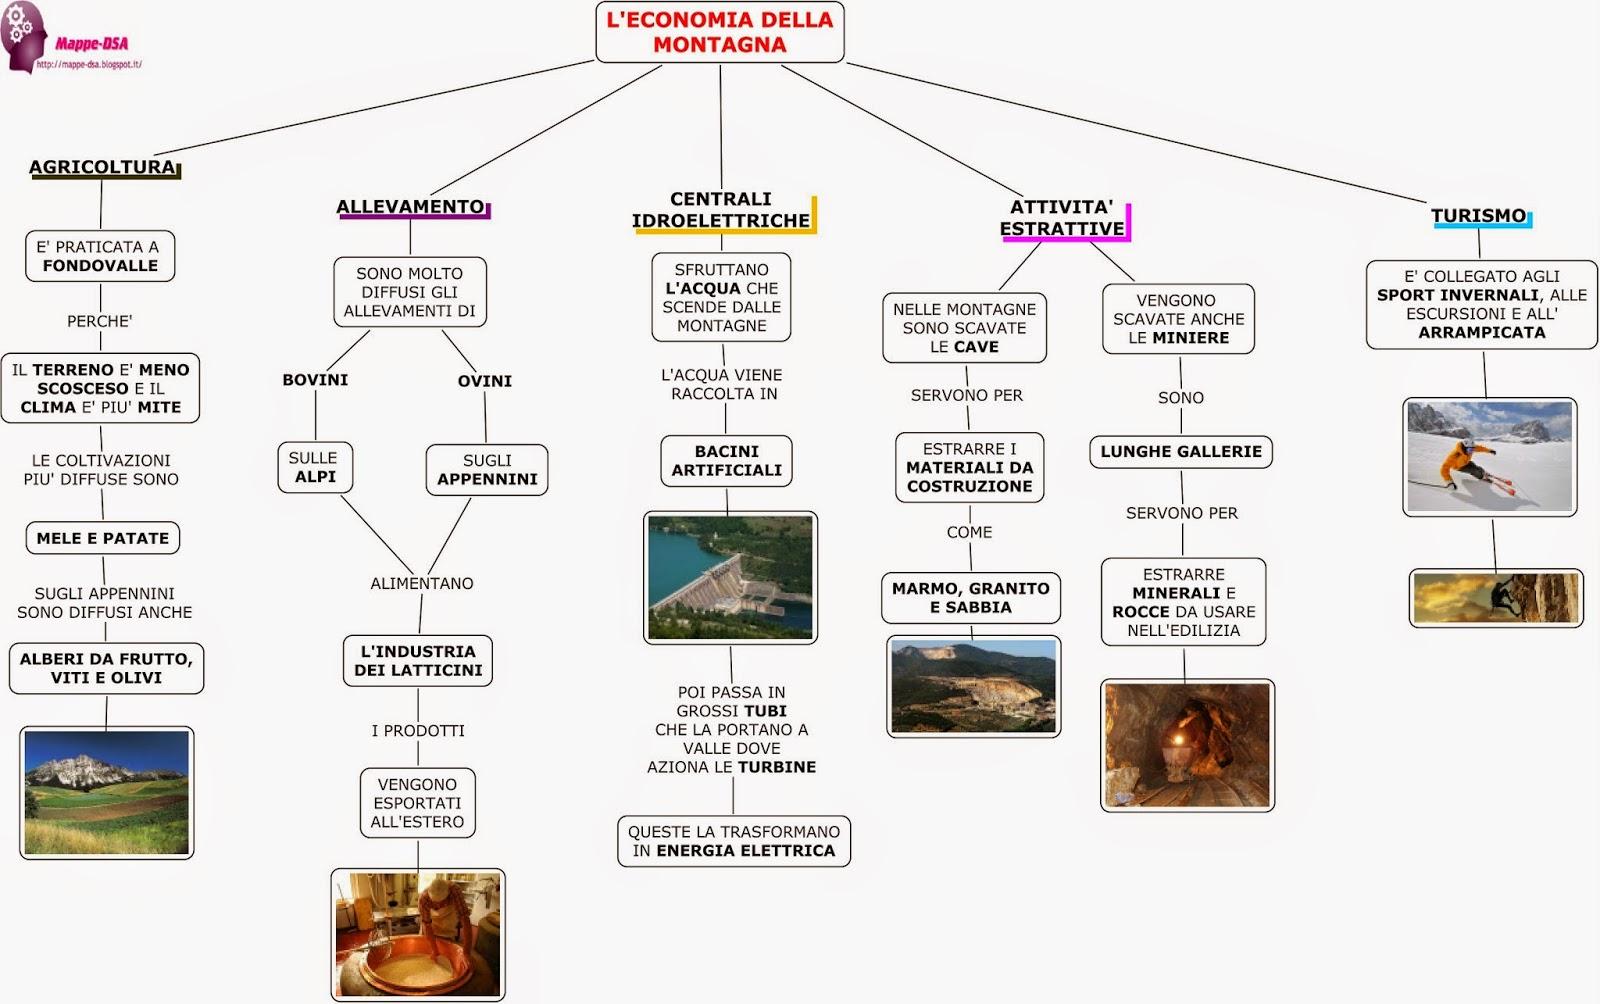 mappa schema dsa geografia economia montagna agricoltura allevamento turismo attività estrattive centrali idroelettriche